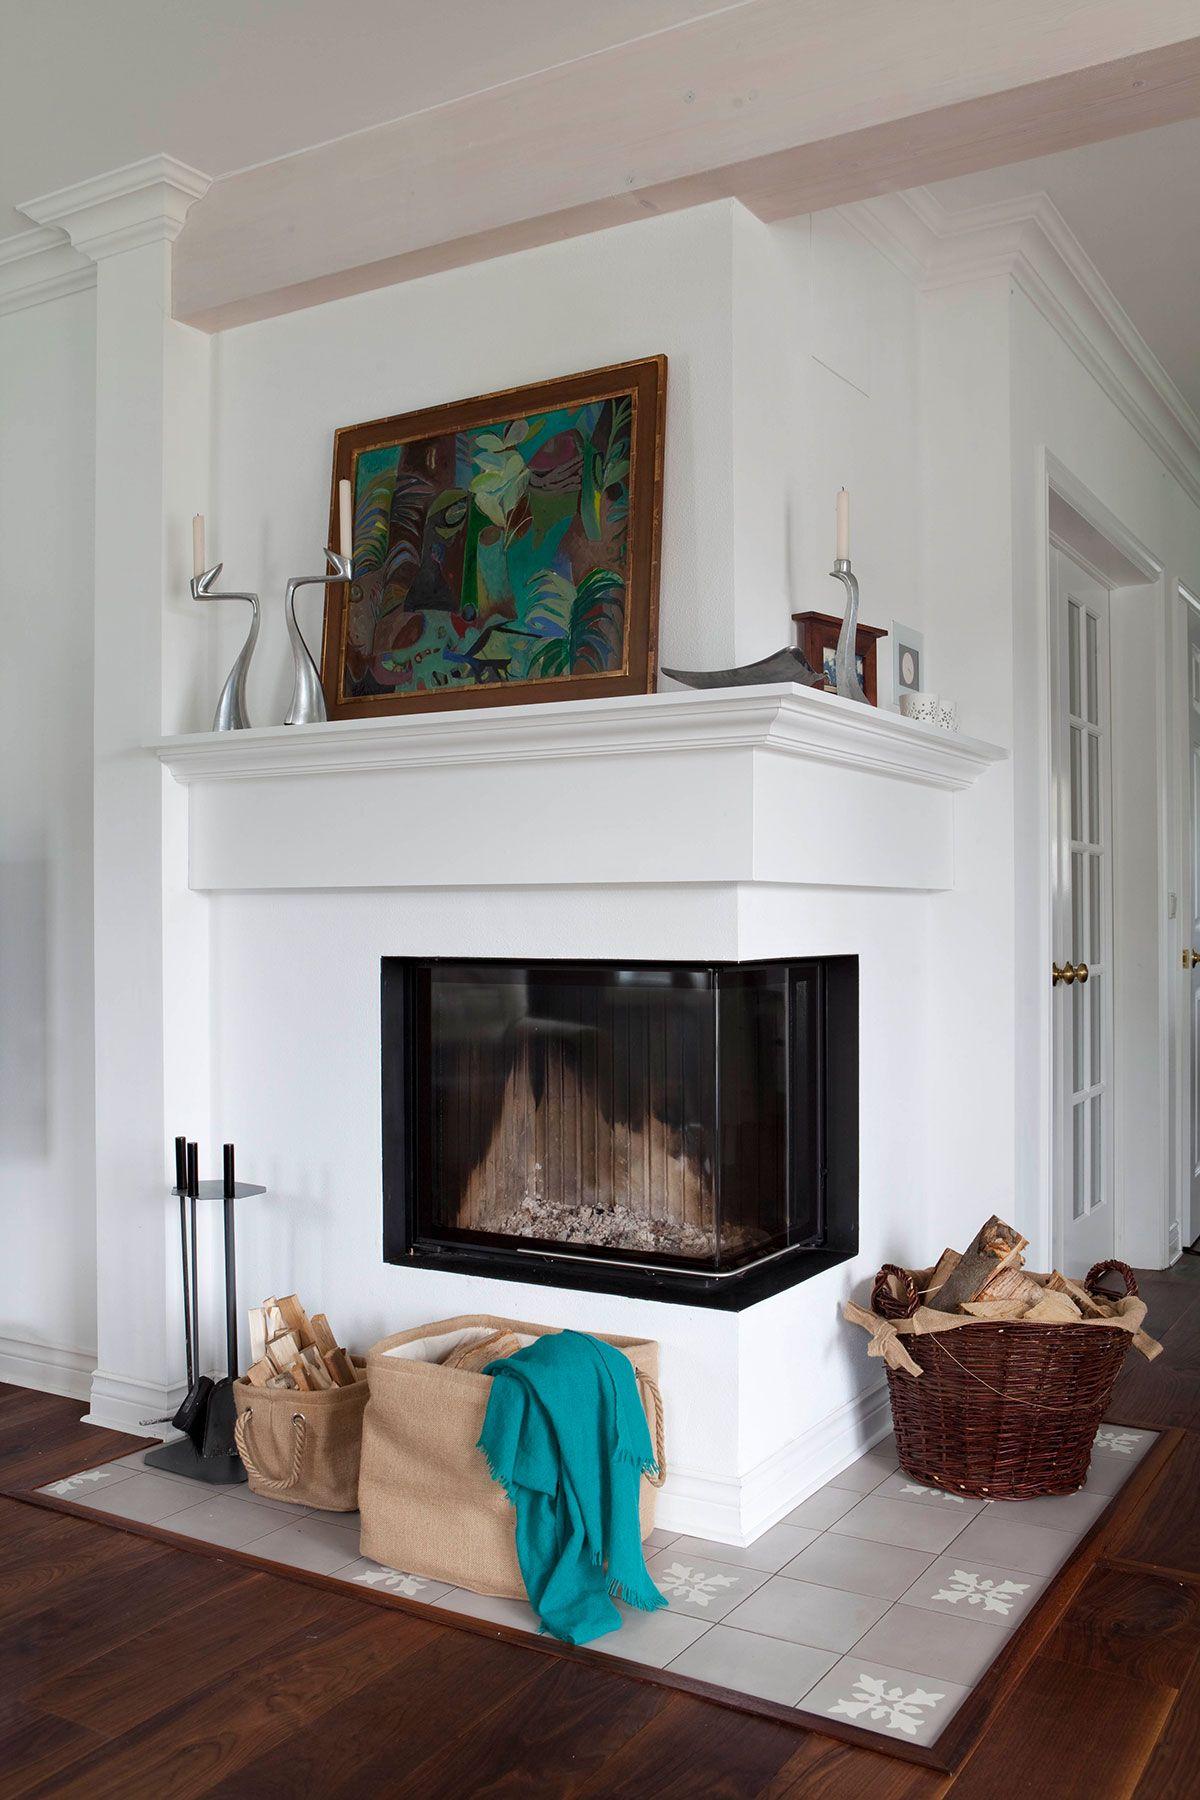 kamin mit glas zu zwei seiten und klassischer verkleidung wohnzimmer pinterest verkleidung. Black Bedroom Furniture Sets. Home Design Ideas